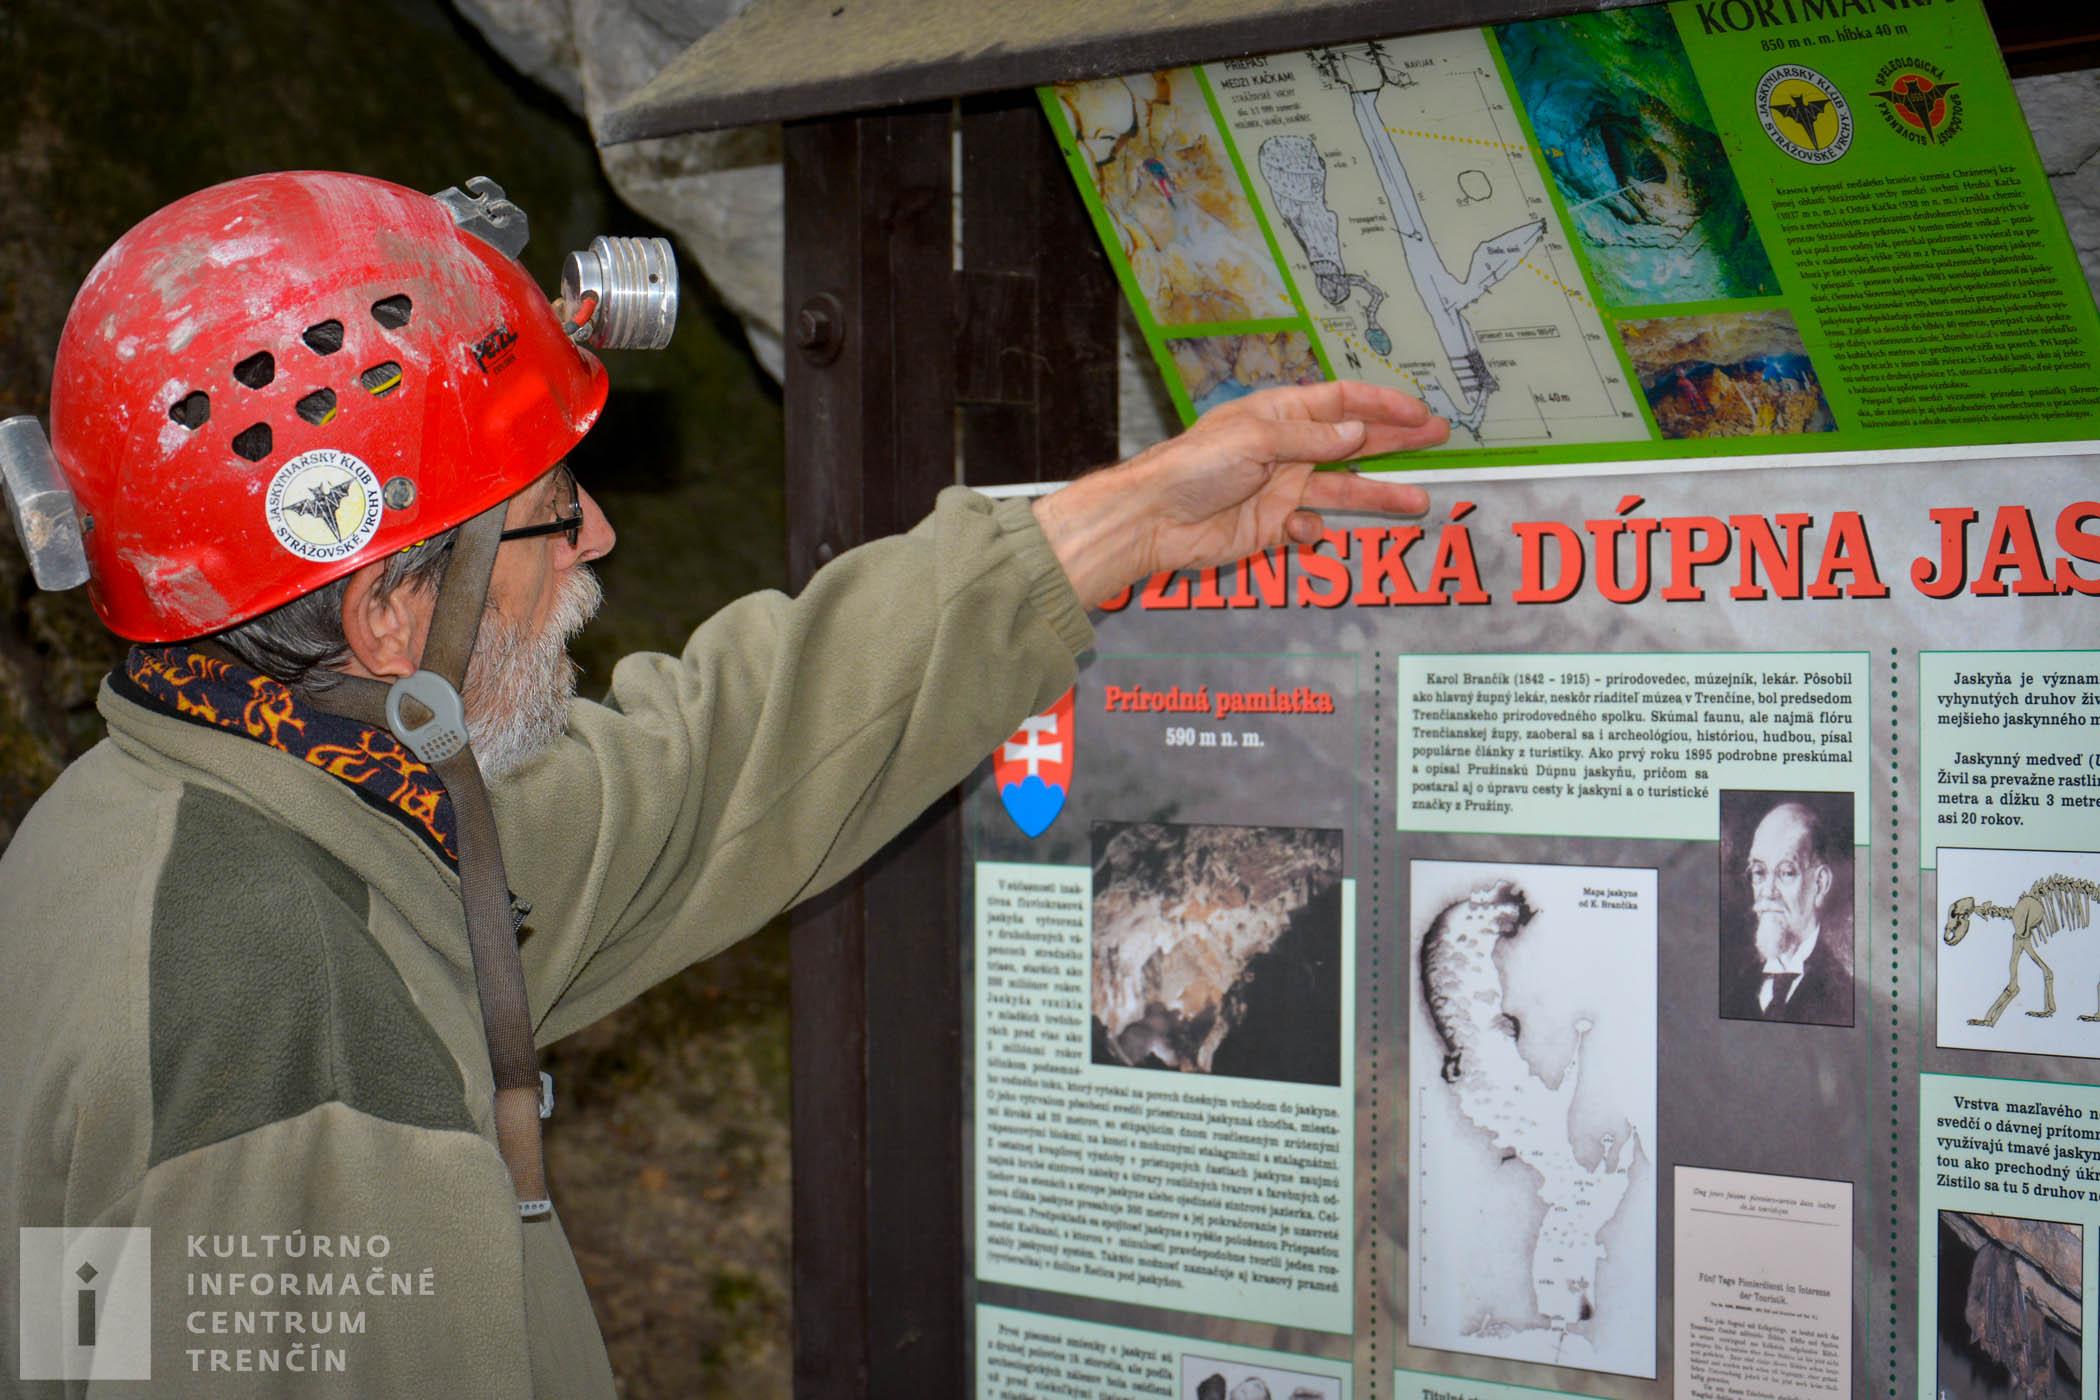 Pružinská Dúpna jaskyňa sa nachádza v Strážovských vrchoch. Speleológ Bohuslav Kortman rozpráva o histórii Pružinskej Dúpnej jaskyne